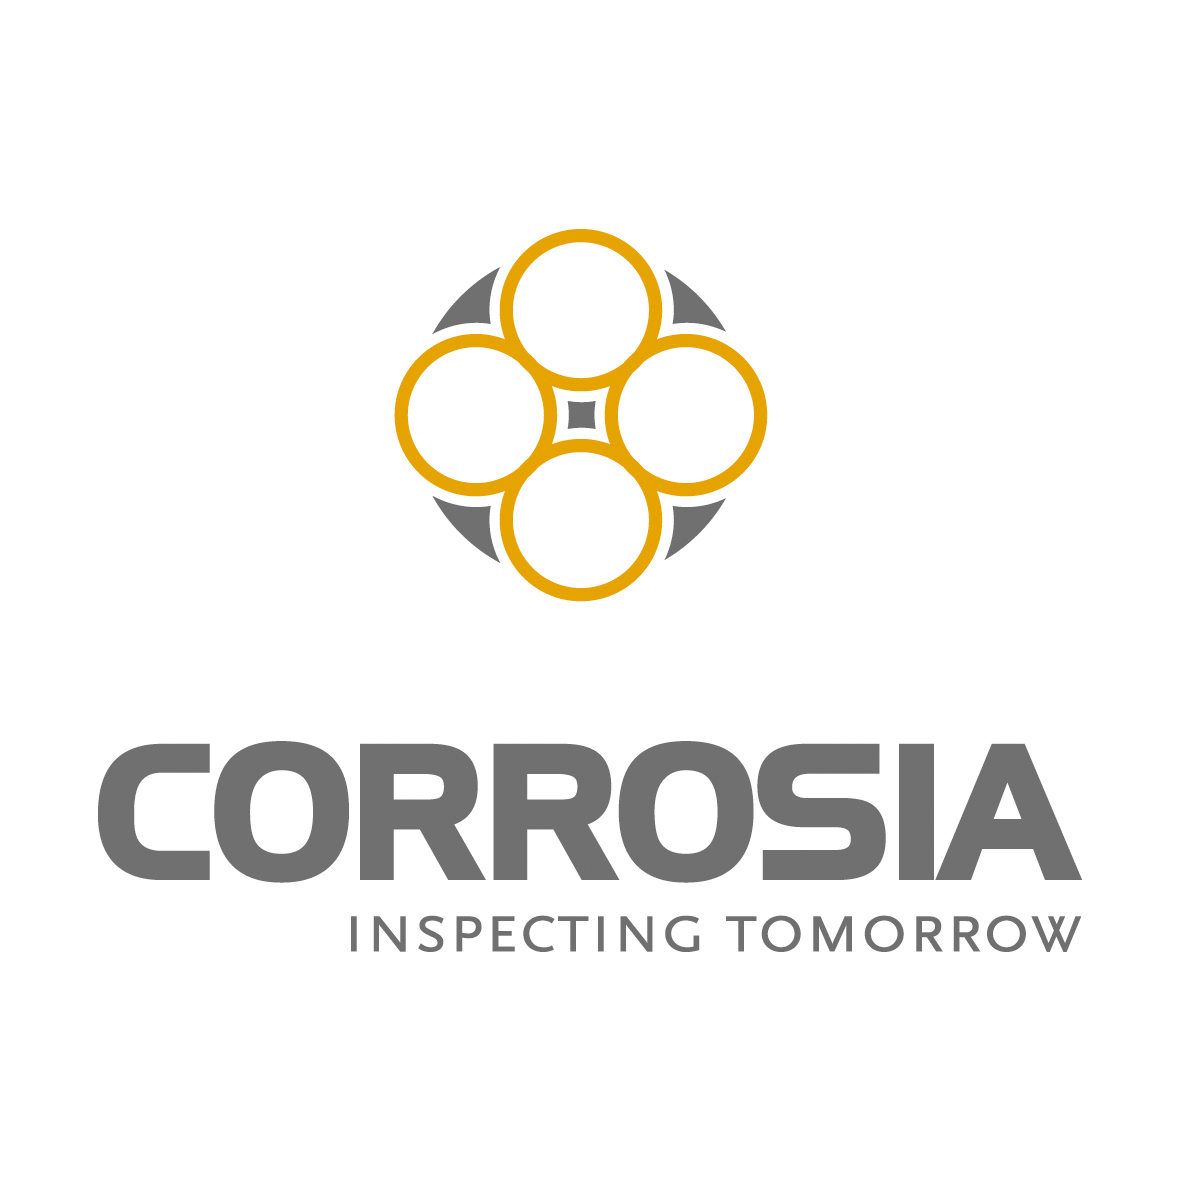 Corrosia